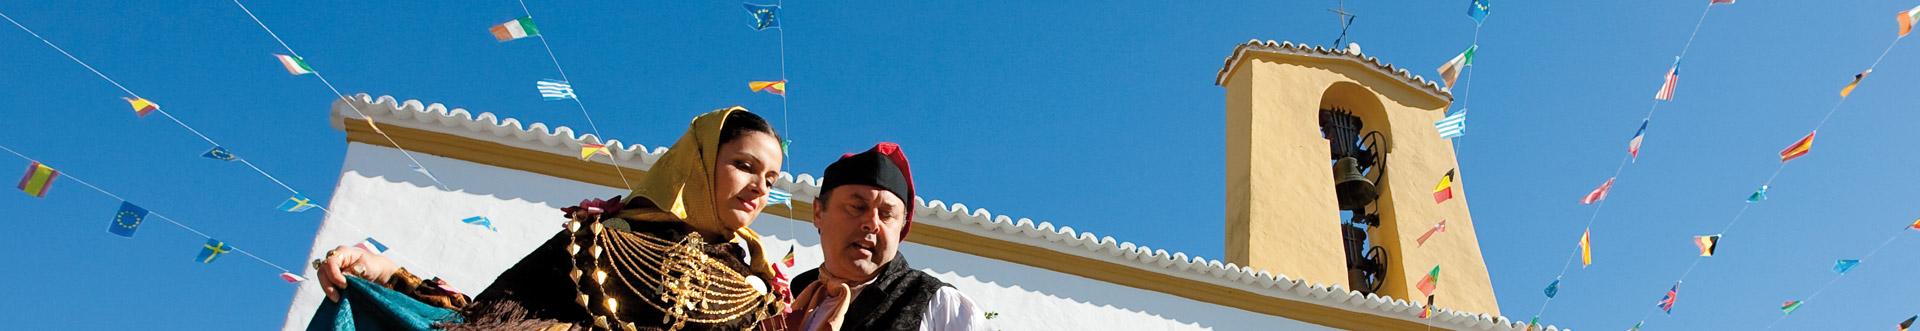 Tradición, folklore, artesanía y bailes en ibiza